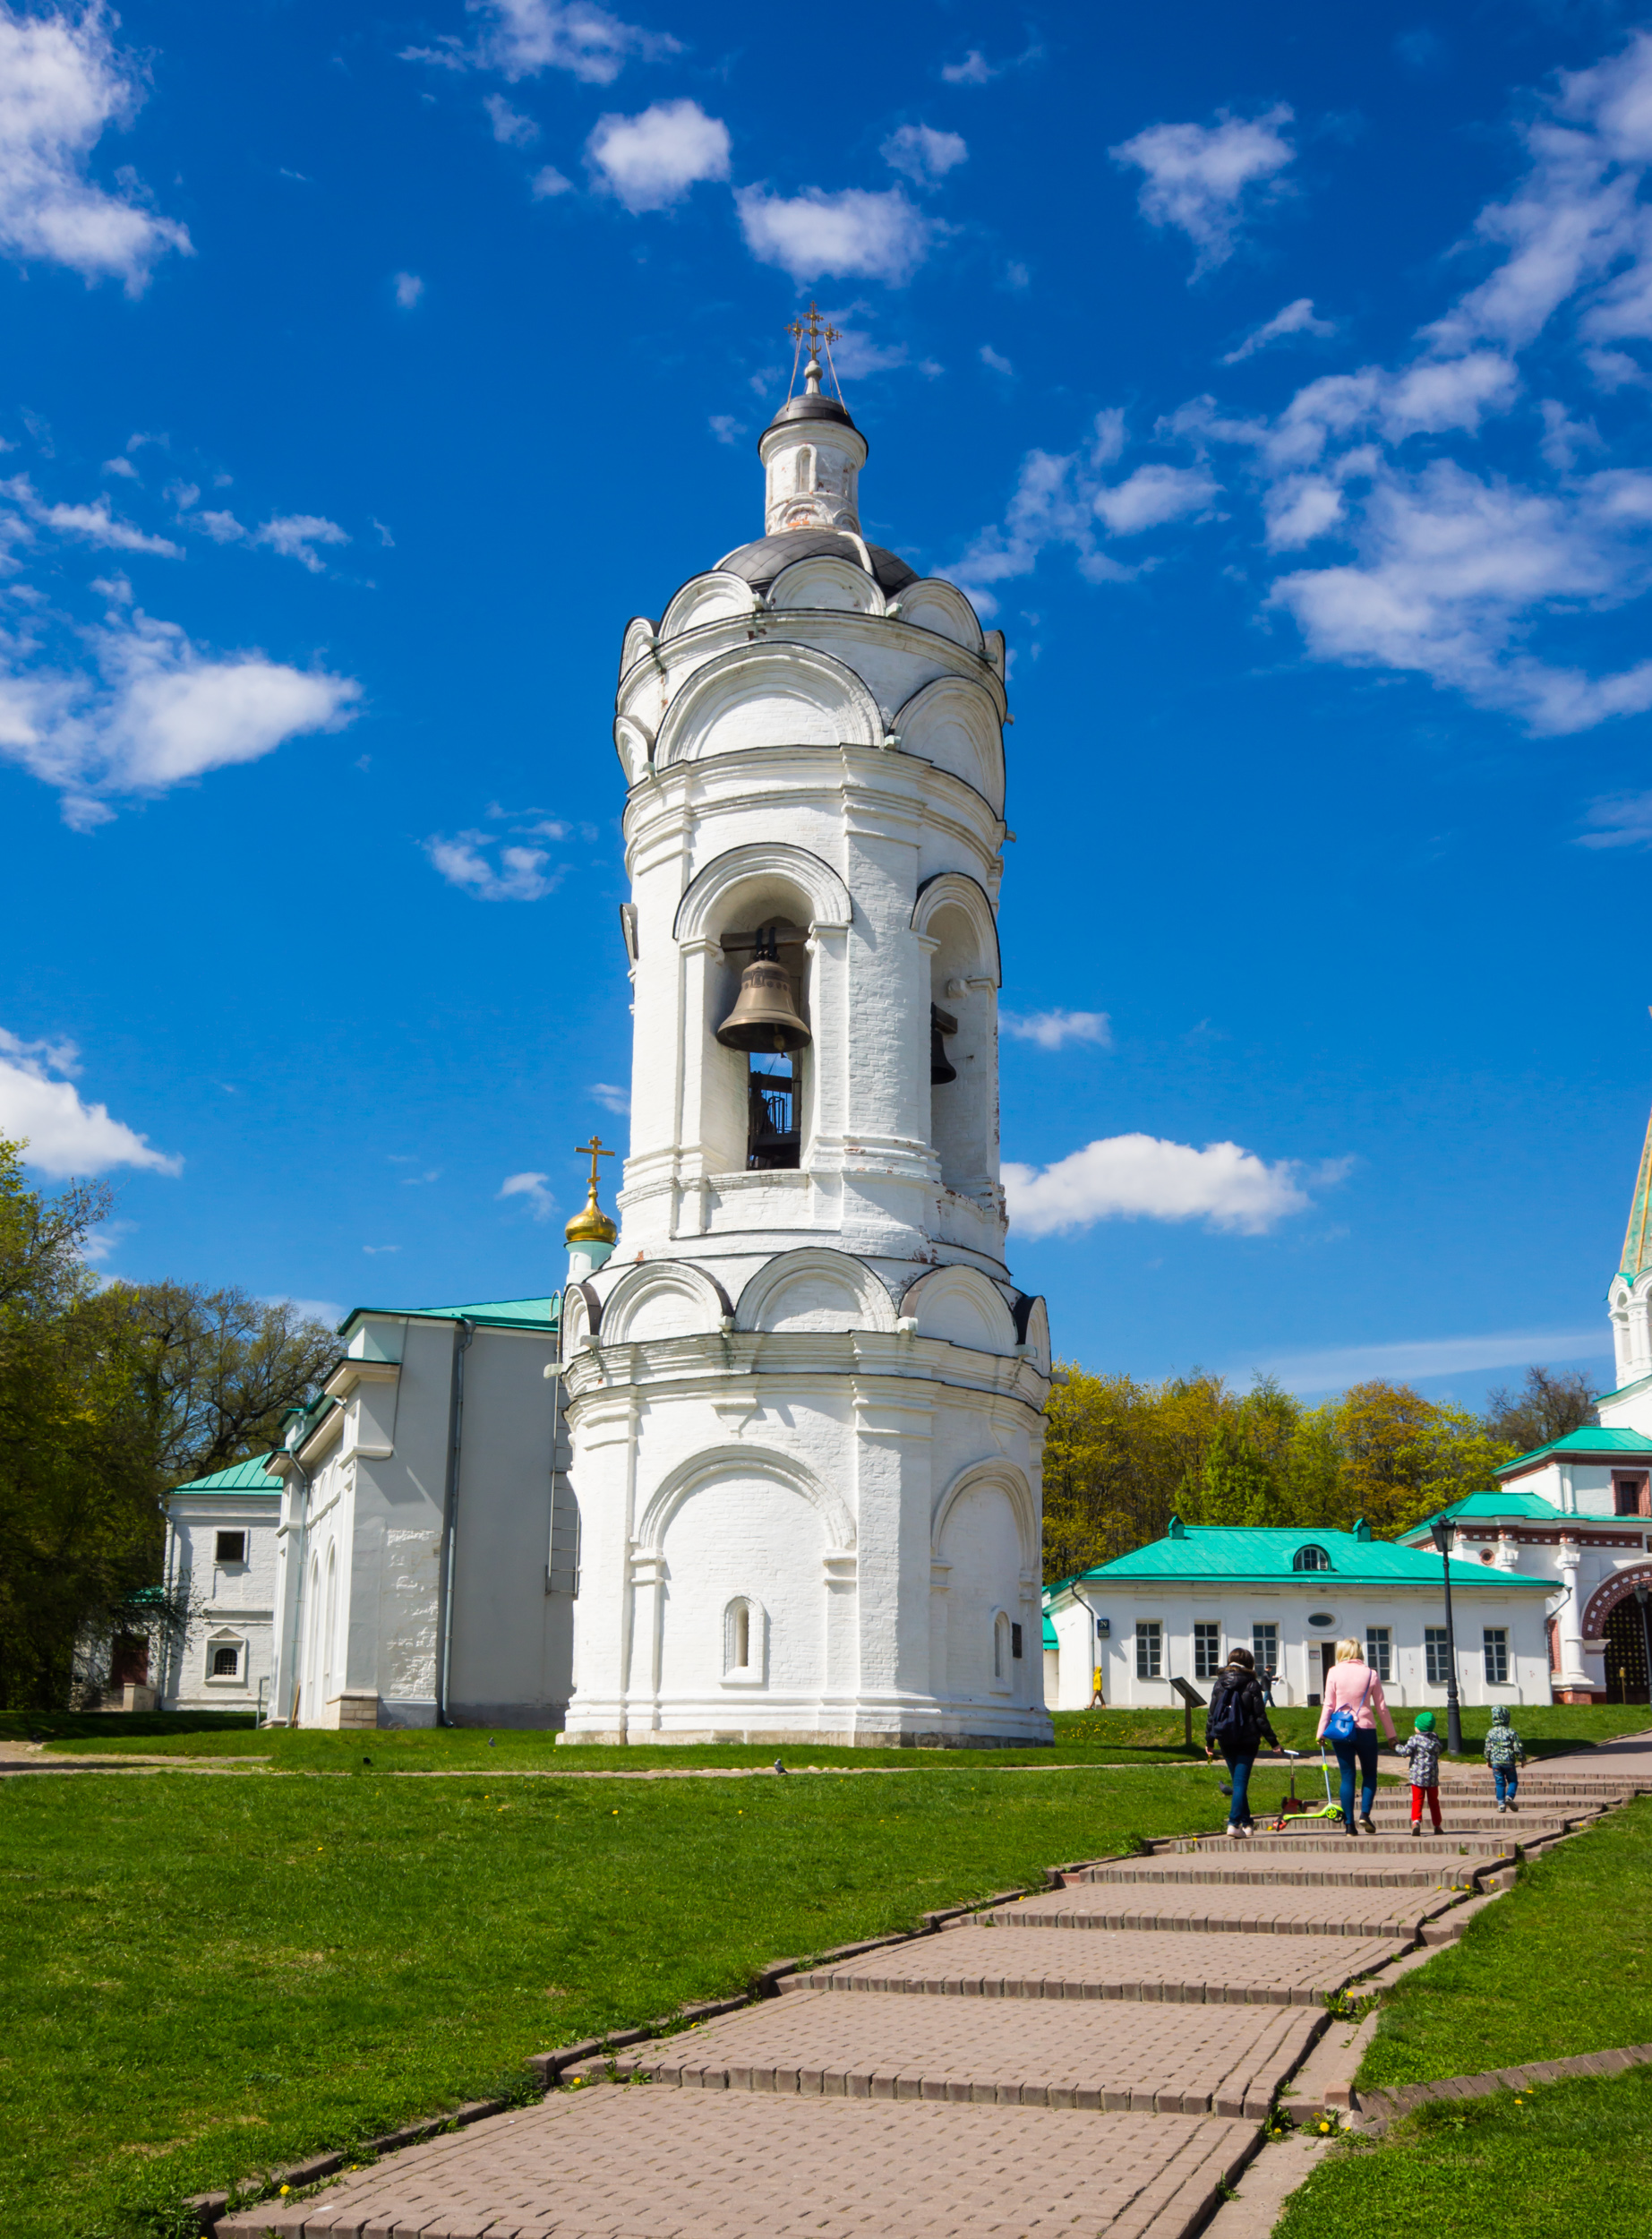 Колокольня церкви святого Георгия